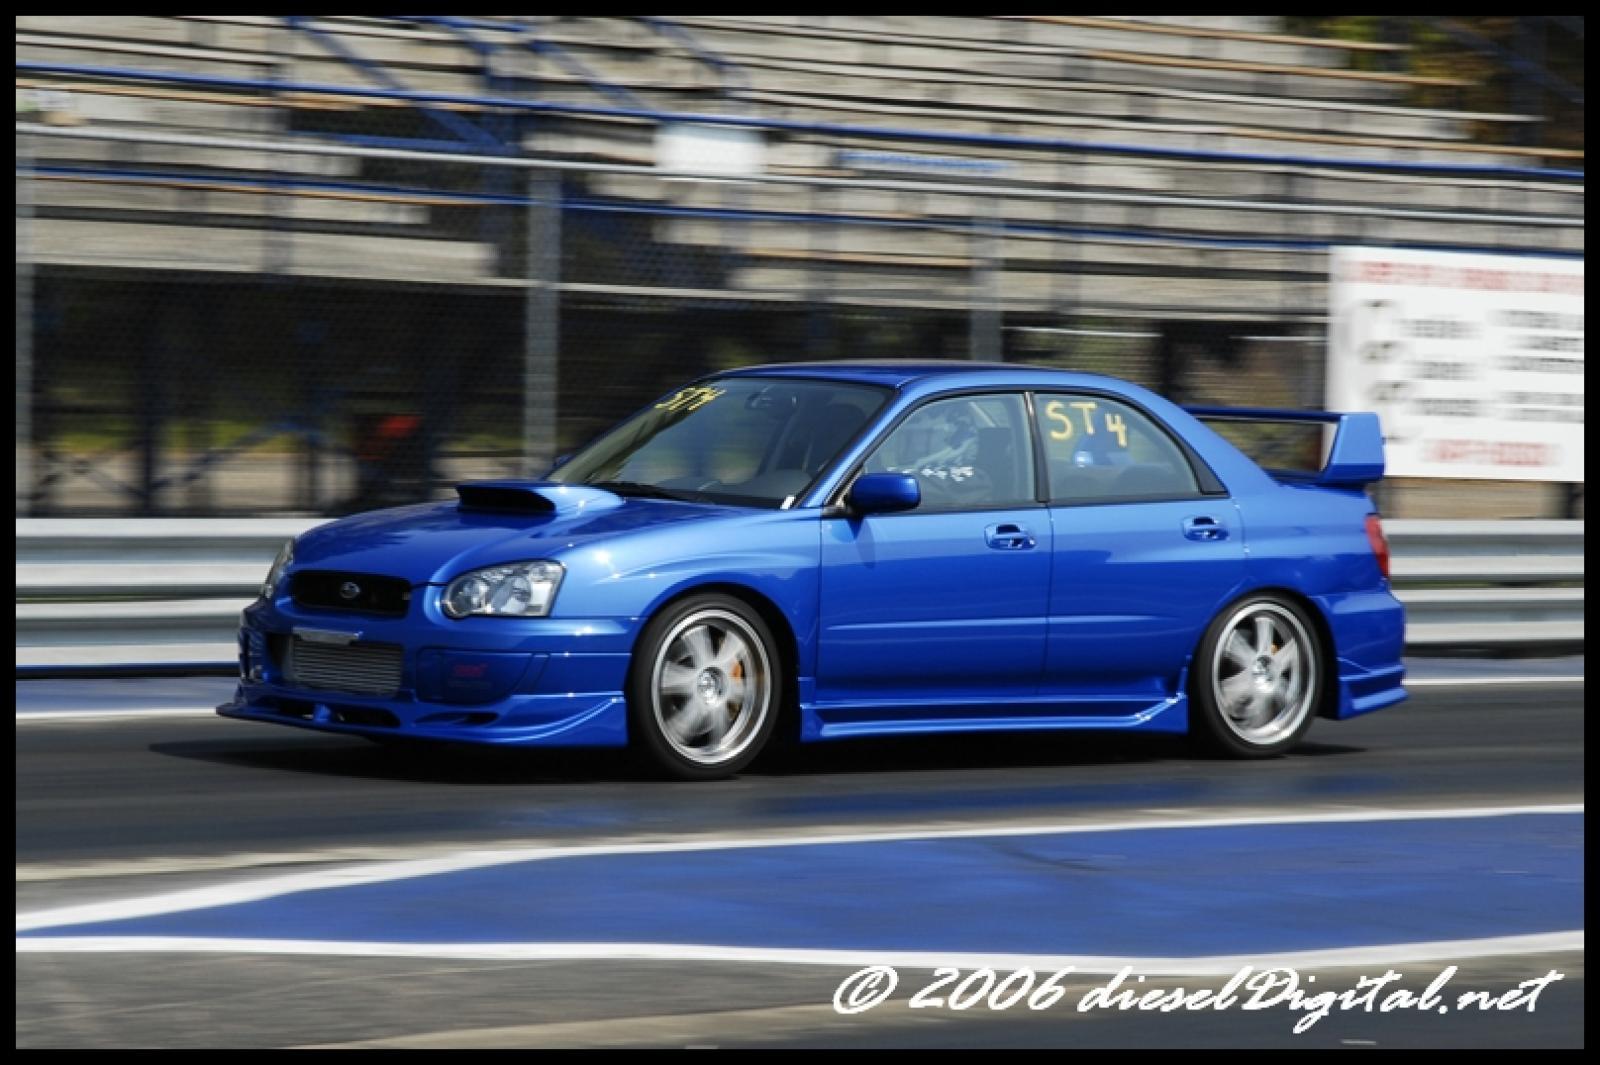 2004 Subaru Impreza Information And Photos Zomb Drive